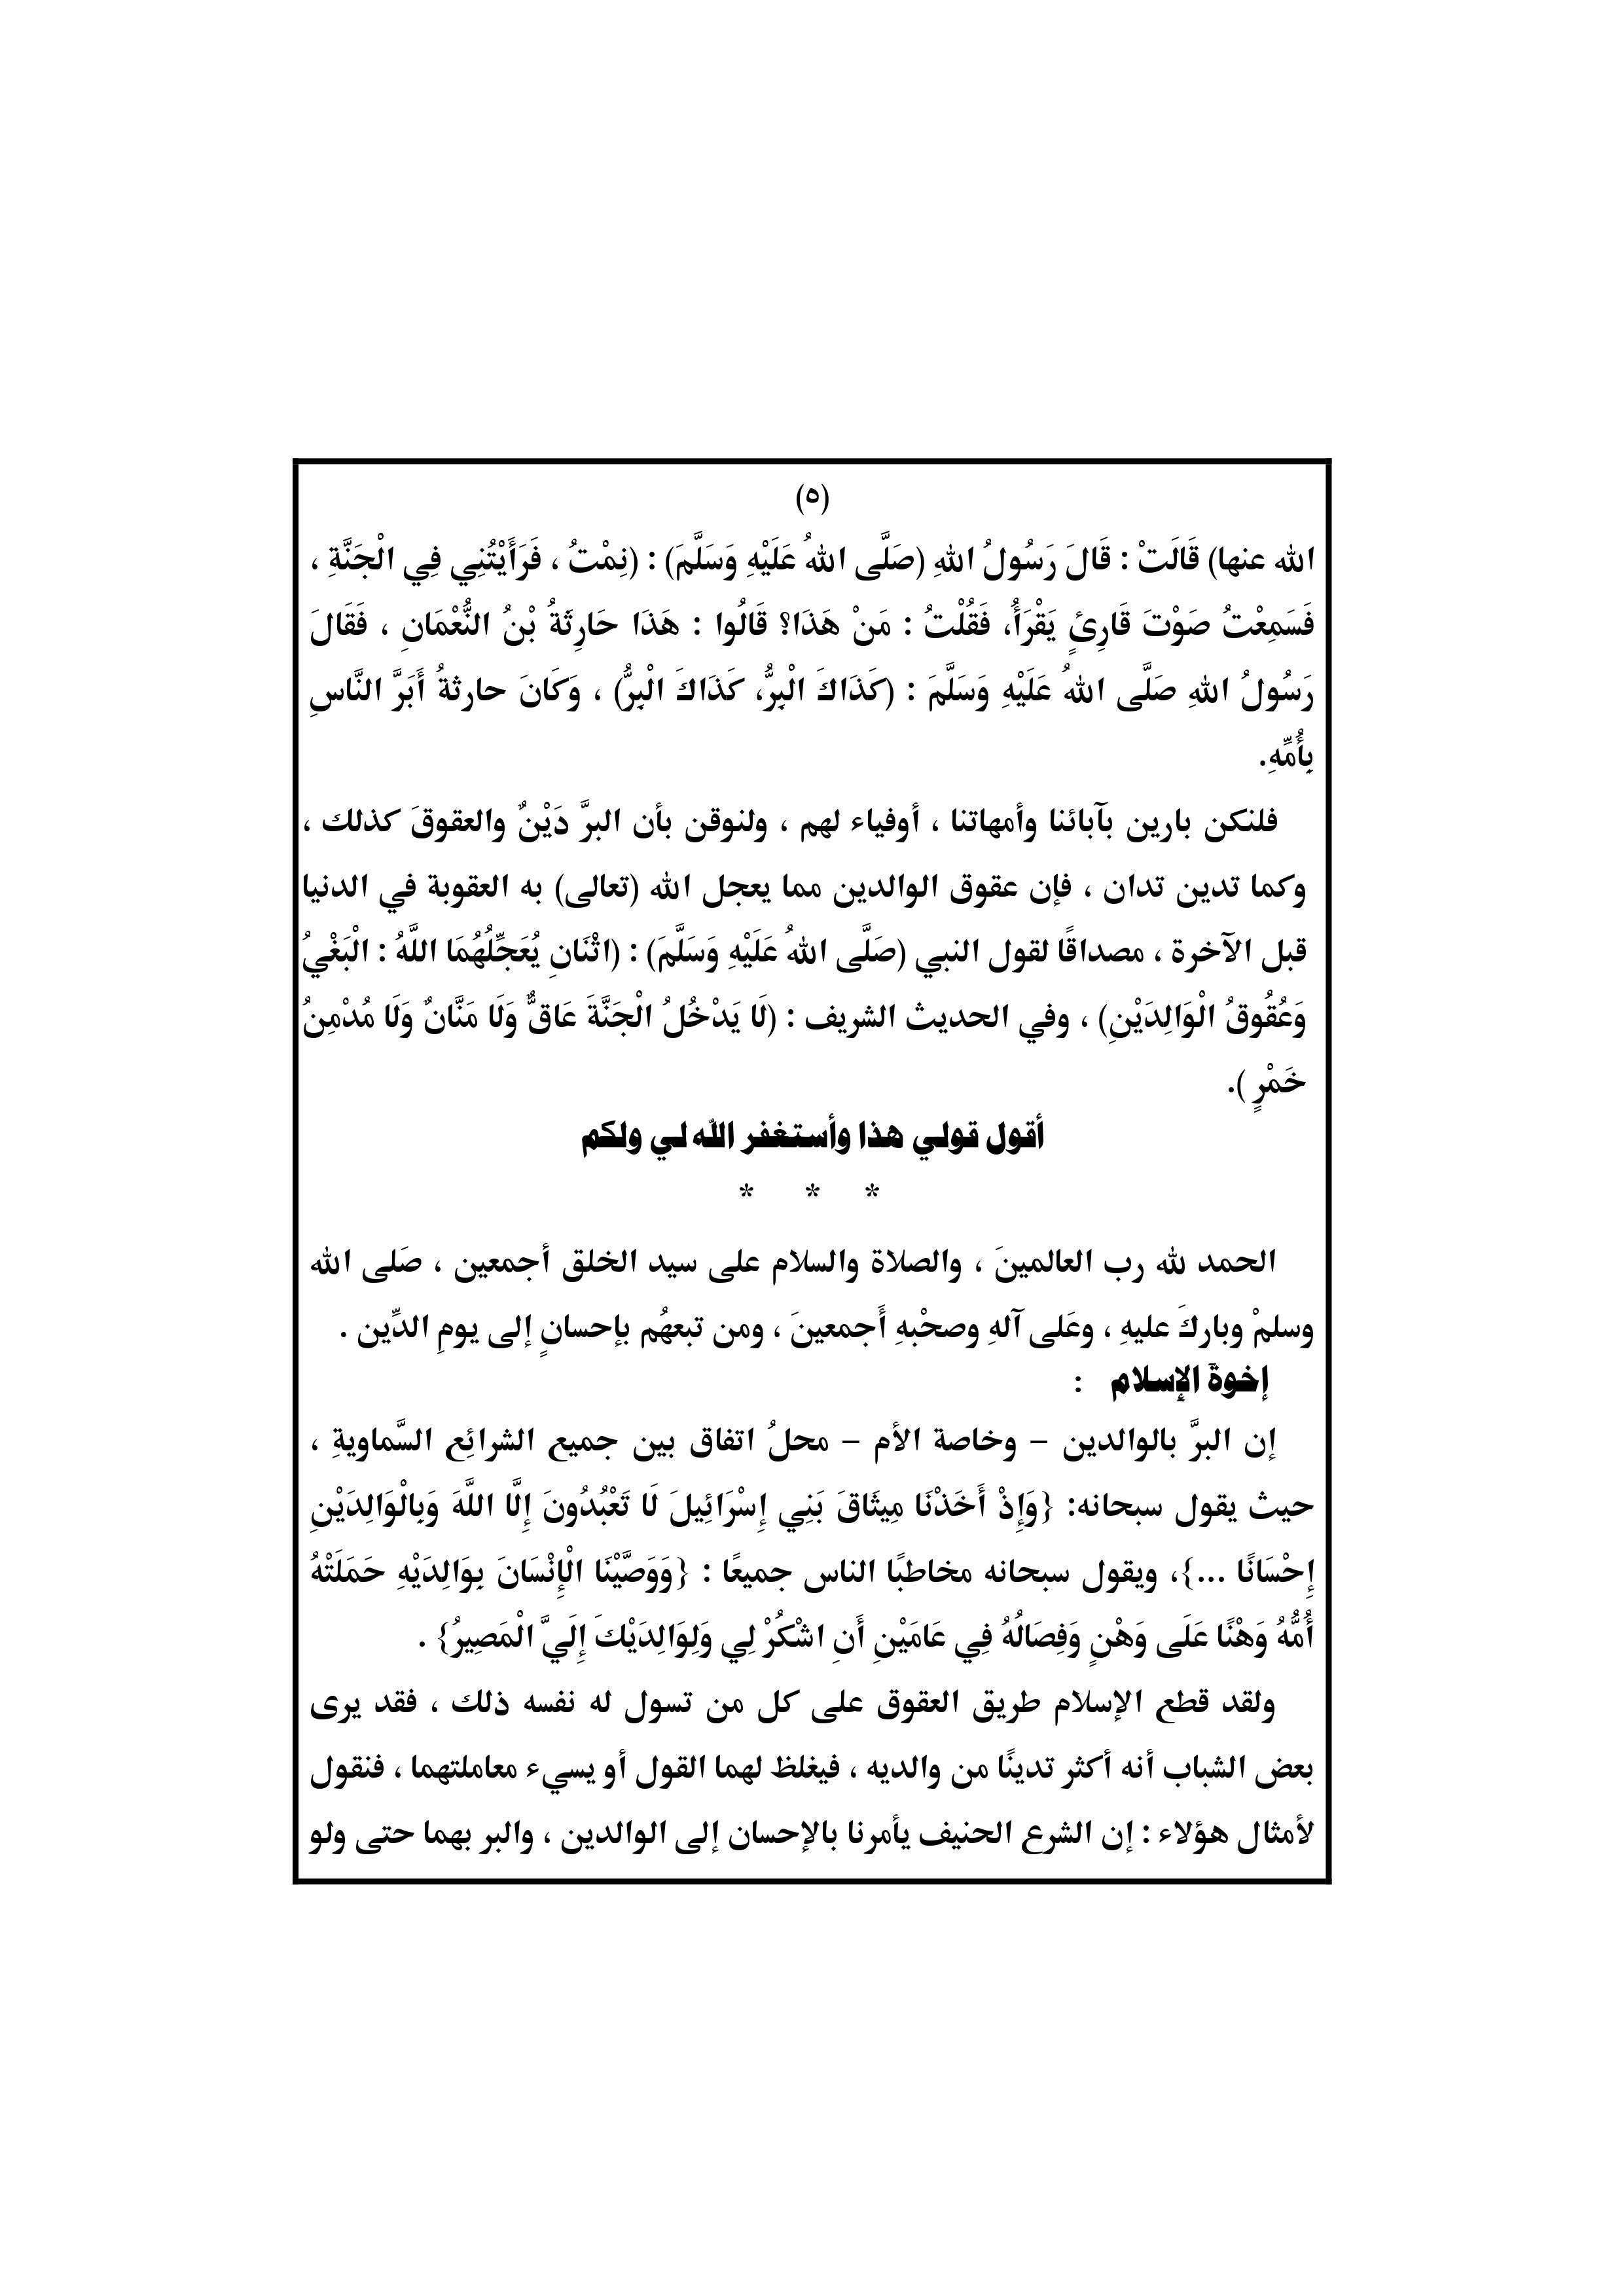 خطبة الجمعة وزارة الأوقاف ، خطبة الجمعة PDF، خطبة الجمعة القادمة، خطبة الجمعة القادمة 15 3 2019